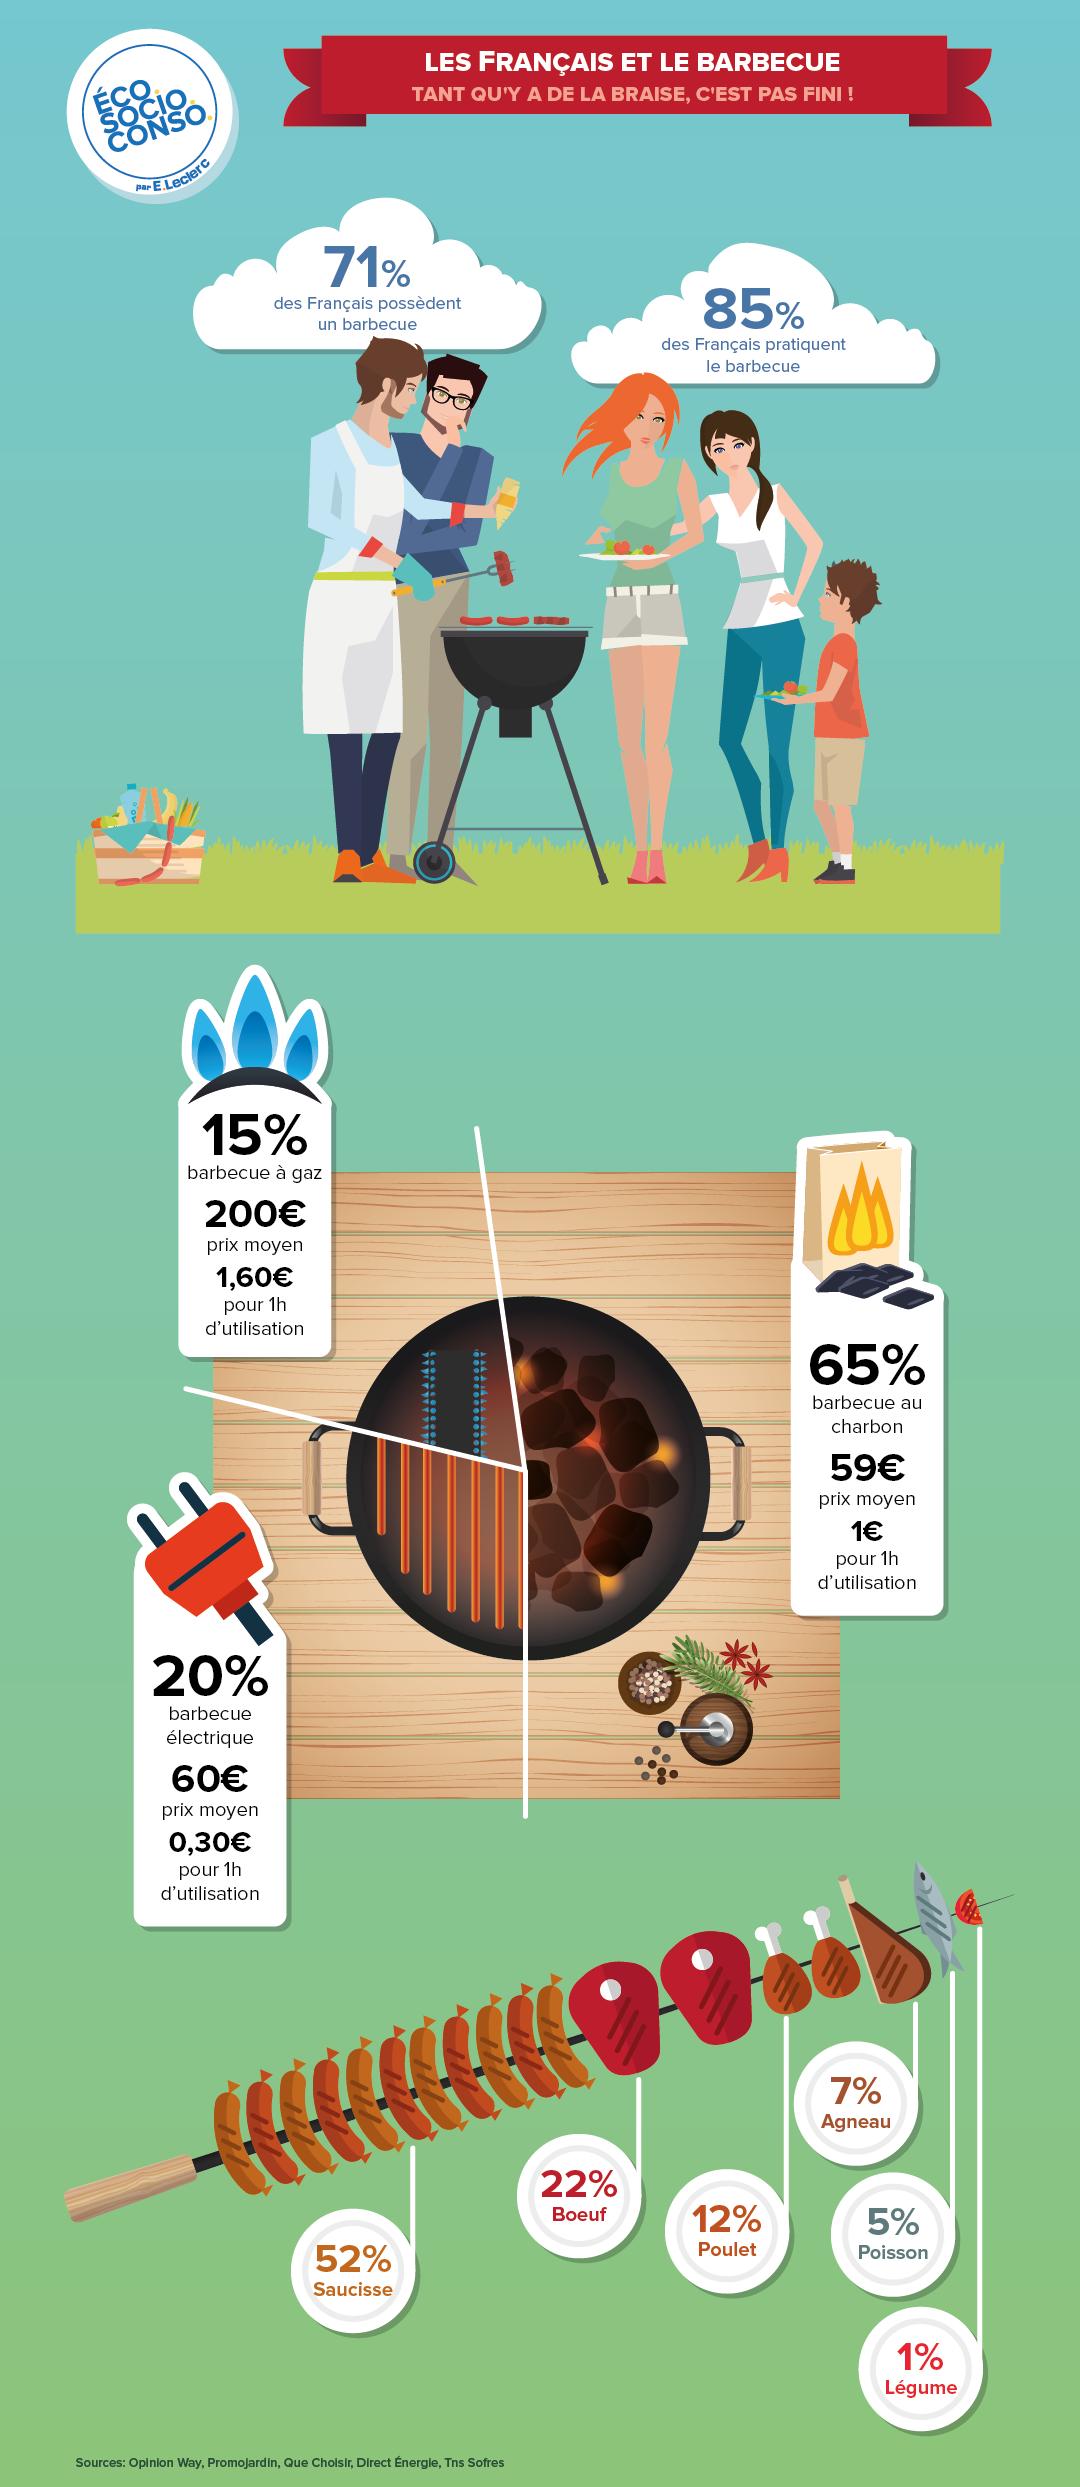 Les Français et le barbecue